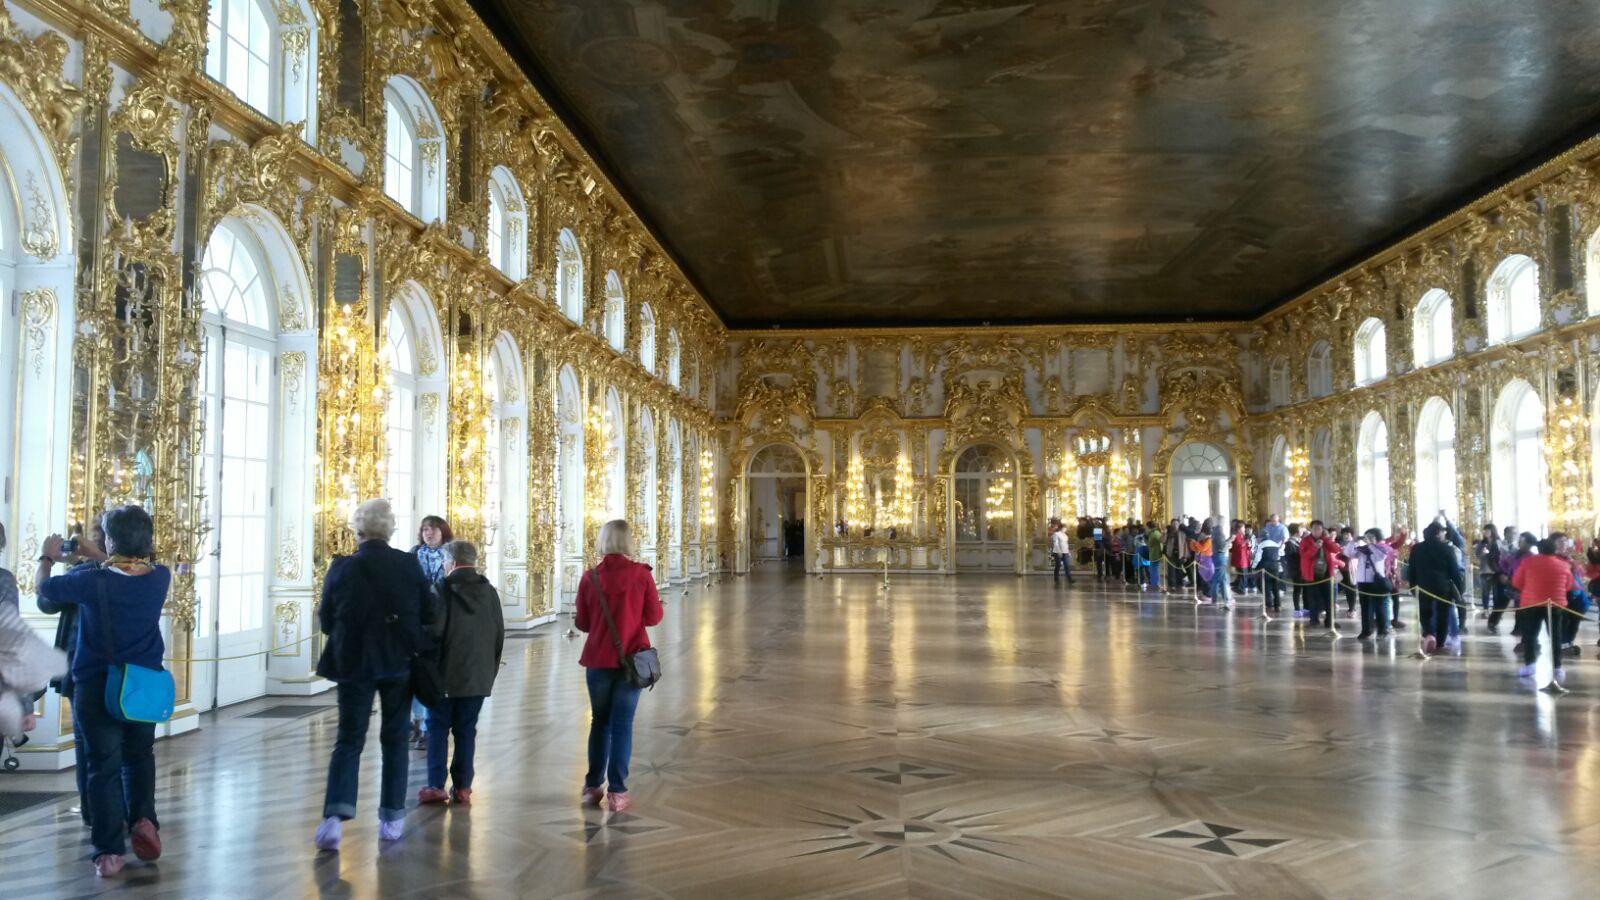 Katharinenpalast St. Petersburg Reiseblog Ü50